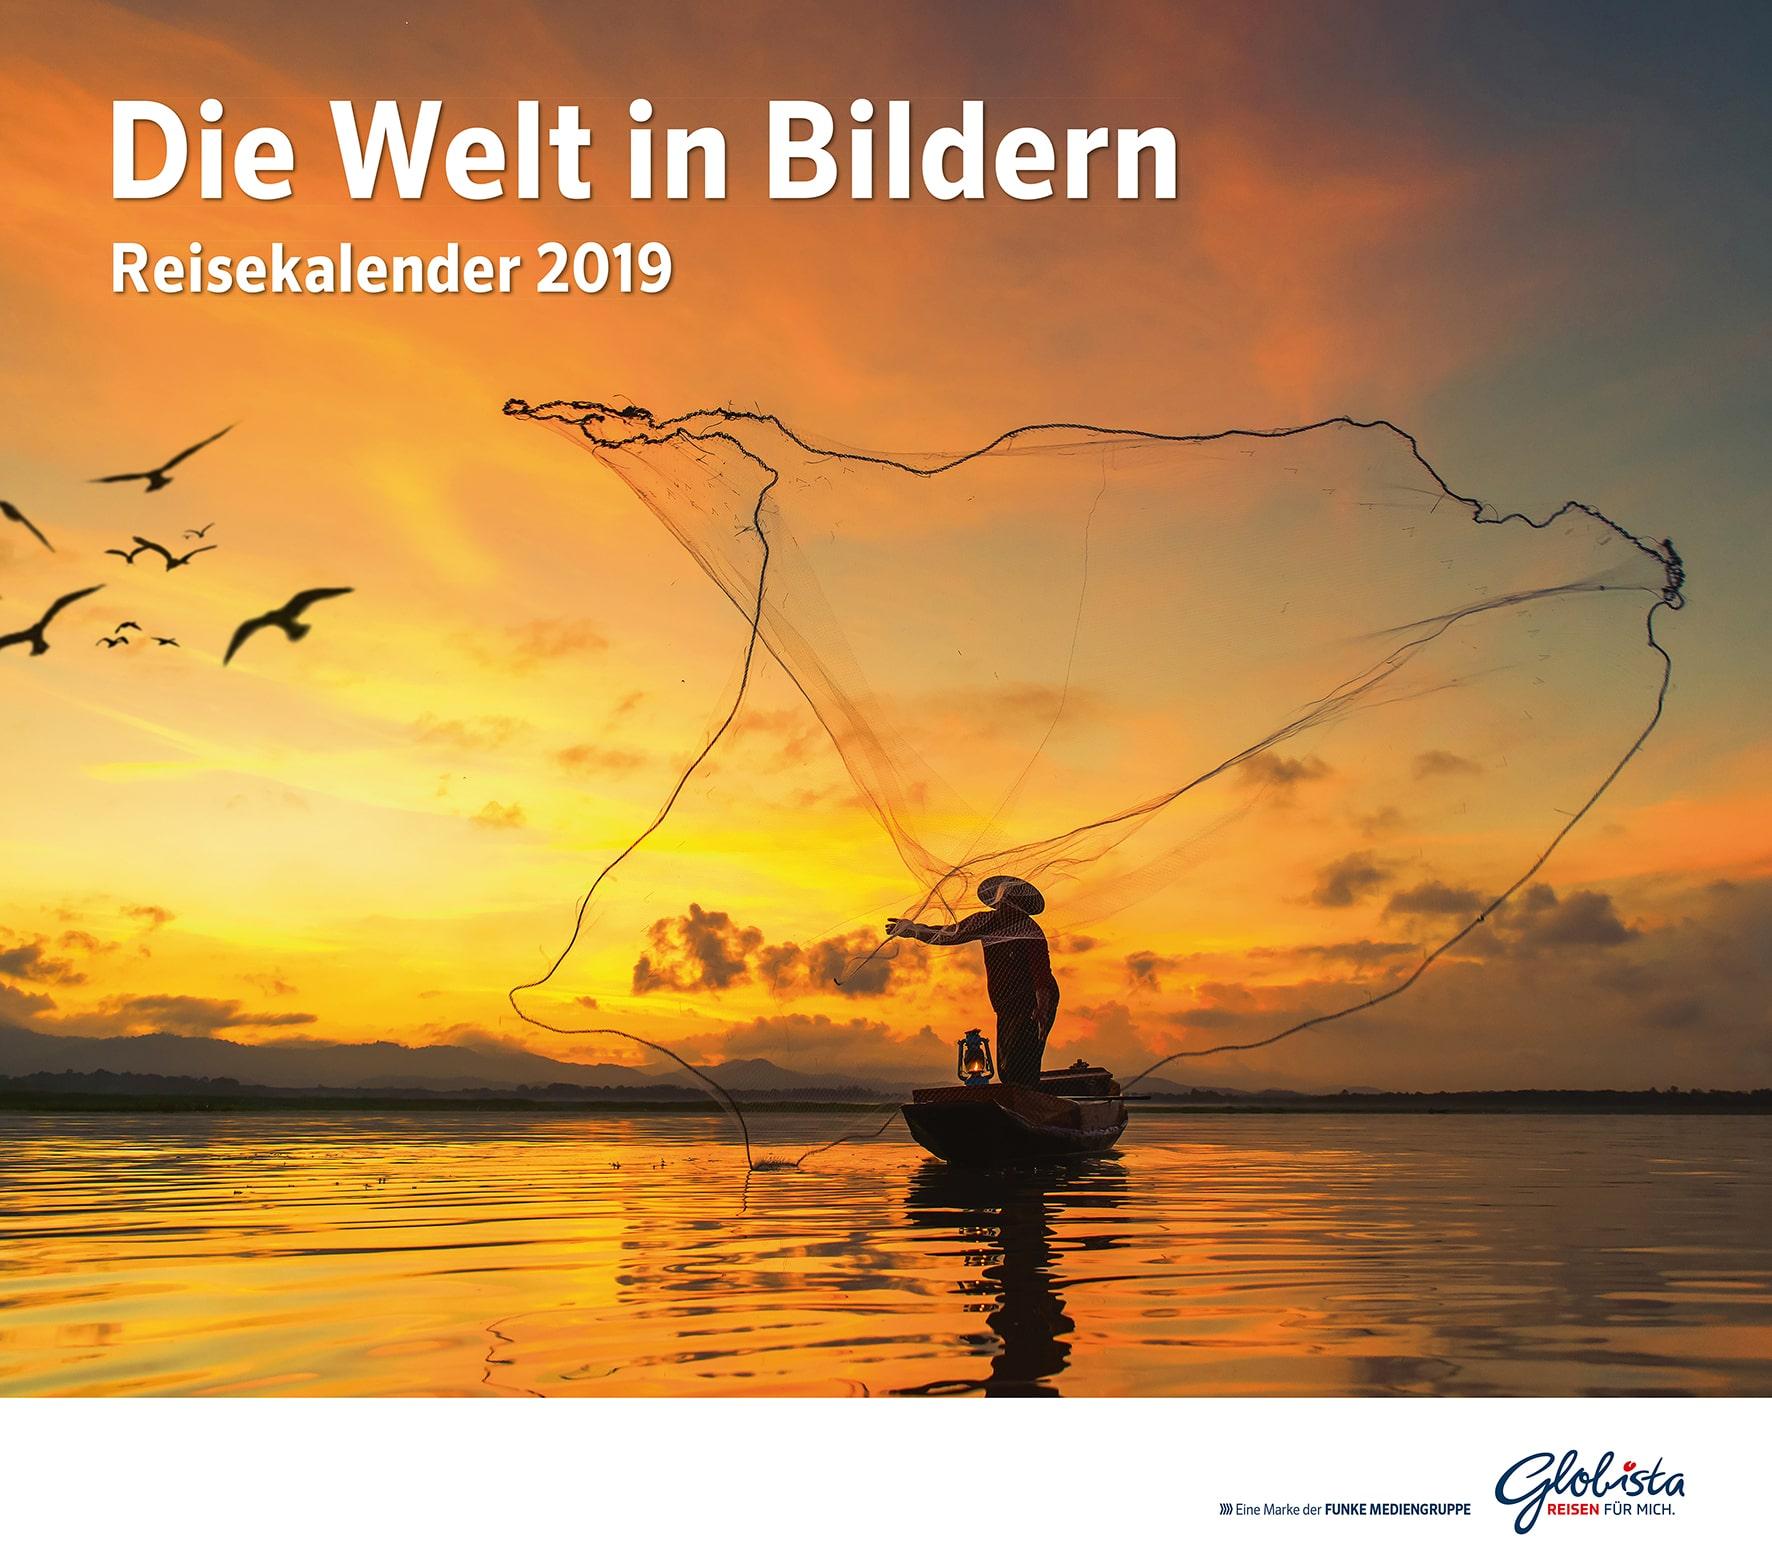 Reisekalender_Bild_kleiner-min